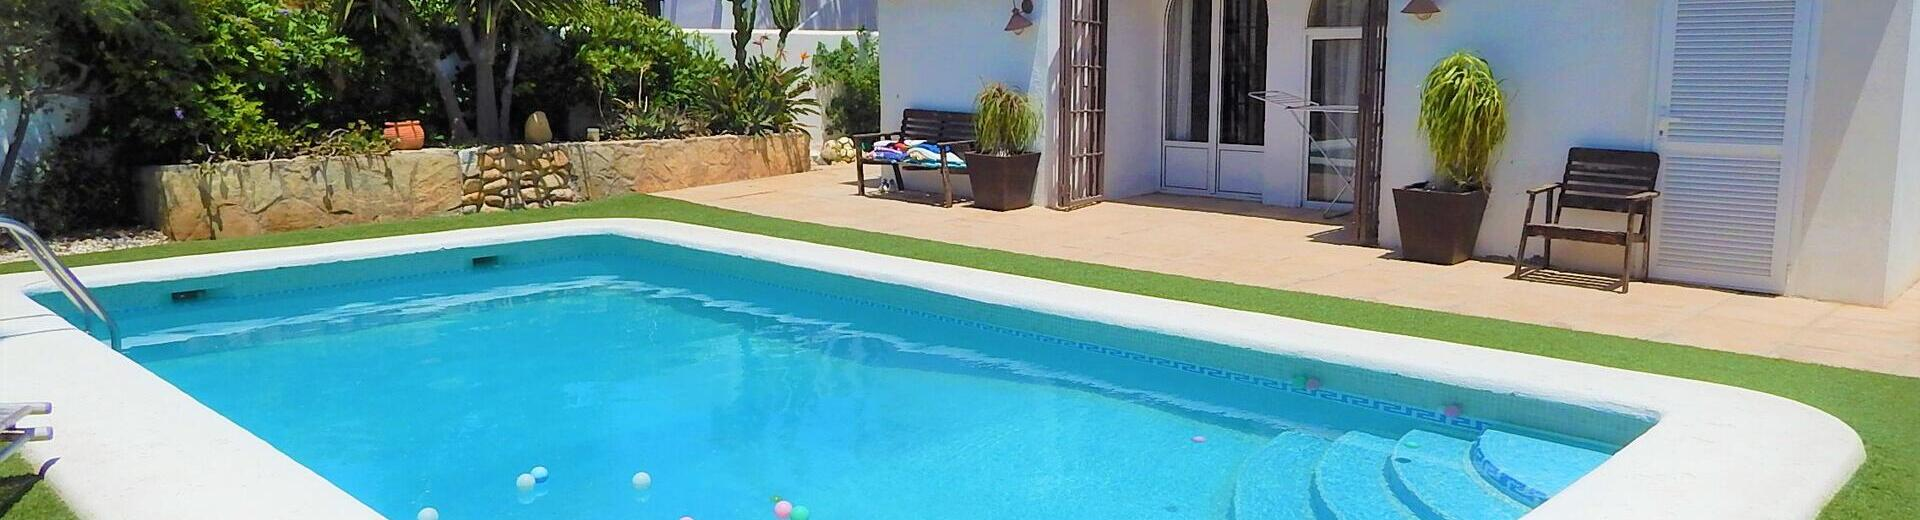 VIP7832: Villa en Venta